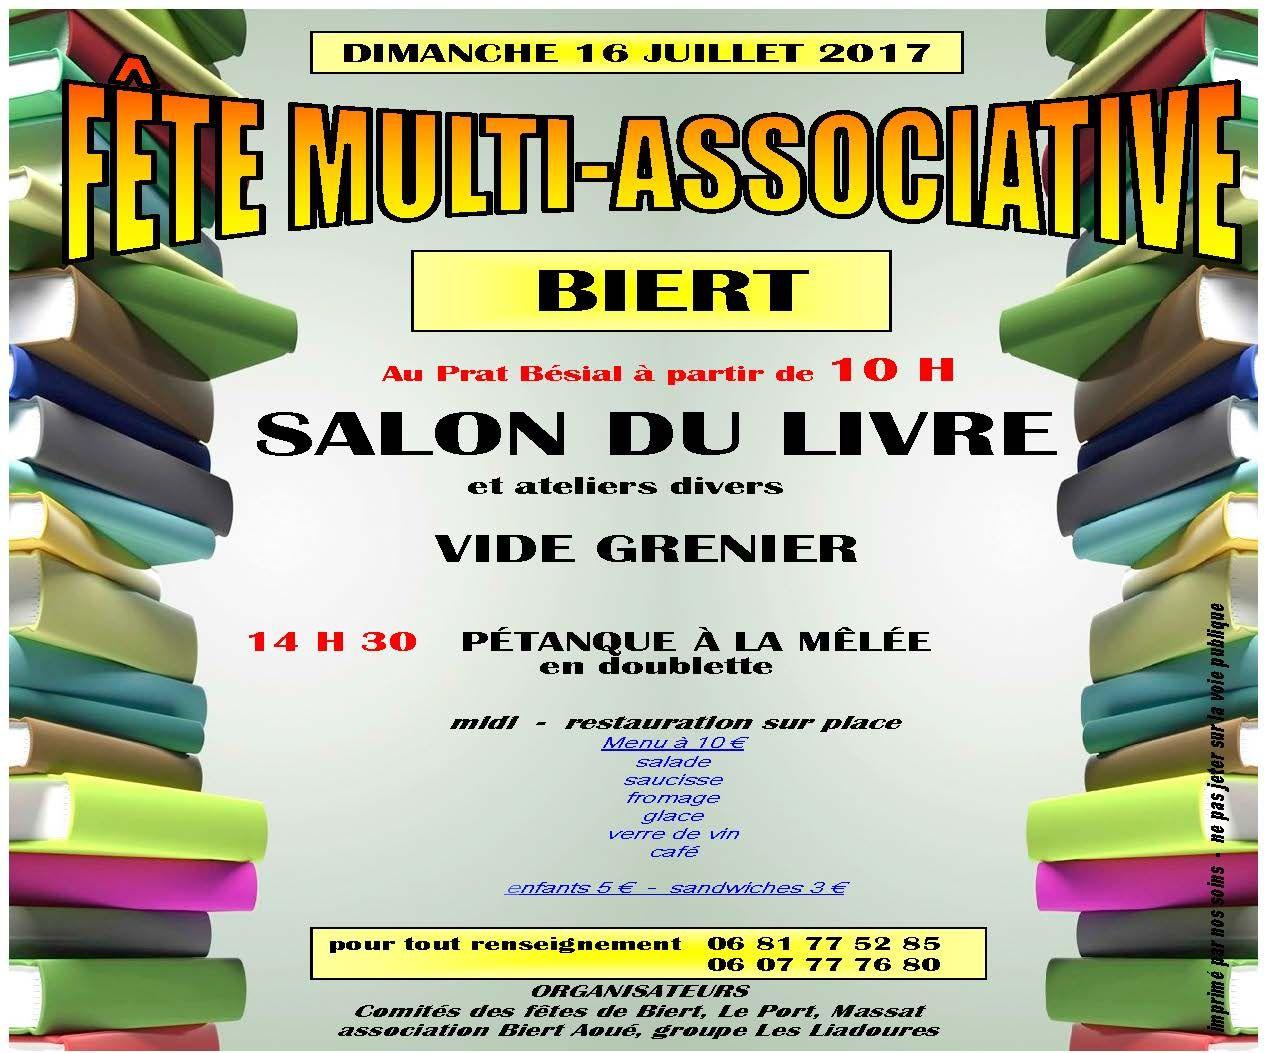 Salon du livre à  Biert